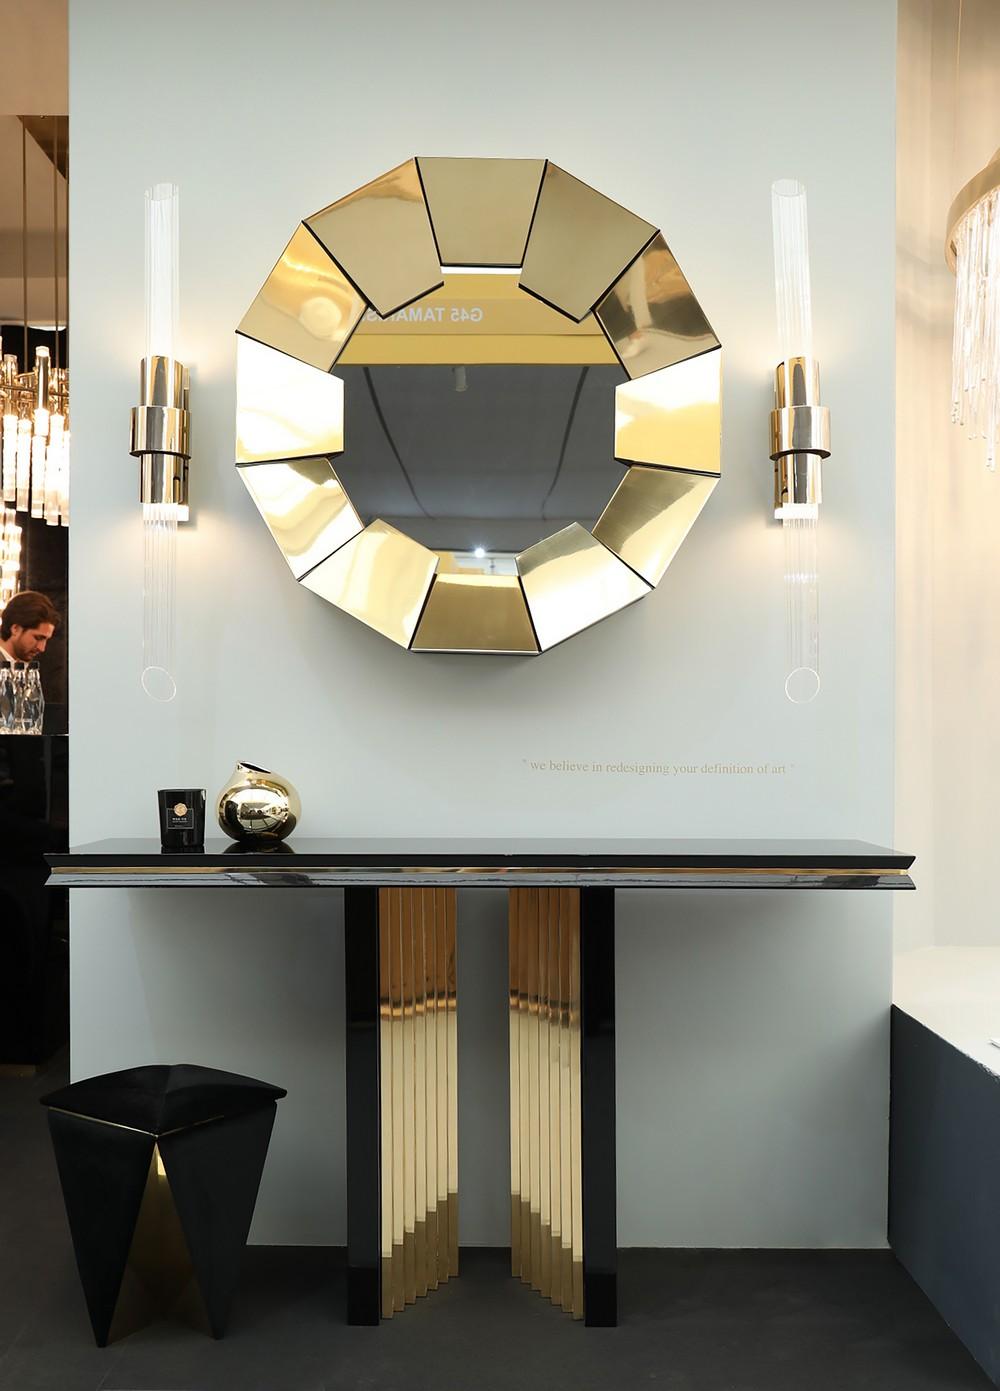 Maison et Objet 2020 Discover LUXXU's Most Iconic Modern Designs_6 maison et objet Maison et Objet 2020: Discover LUXXU's Most Iconic Modern Designs Maison et Objet 2020 Discover LUXXUs Most Iconic Modern Designs 6